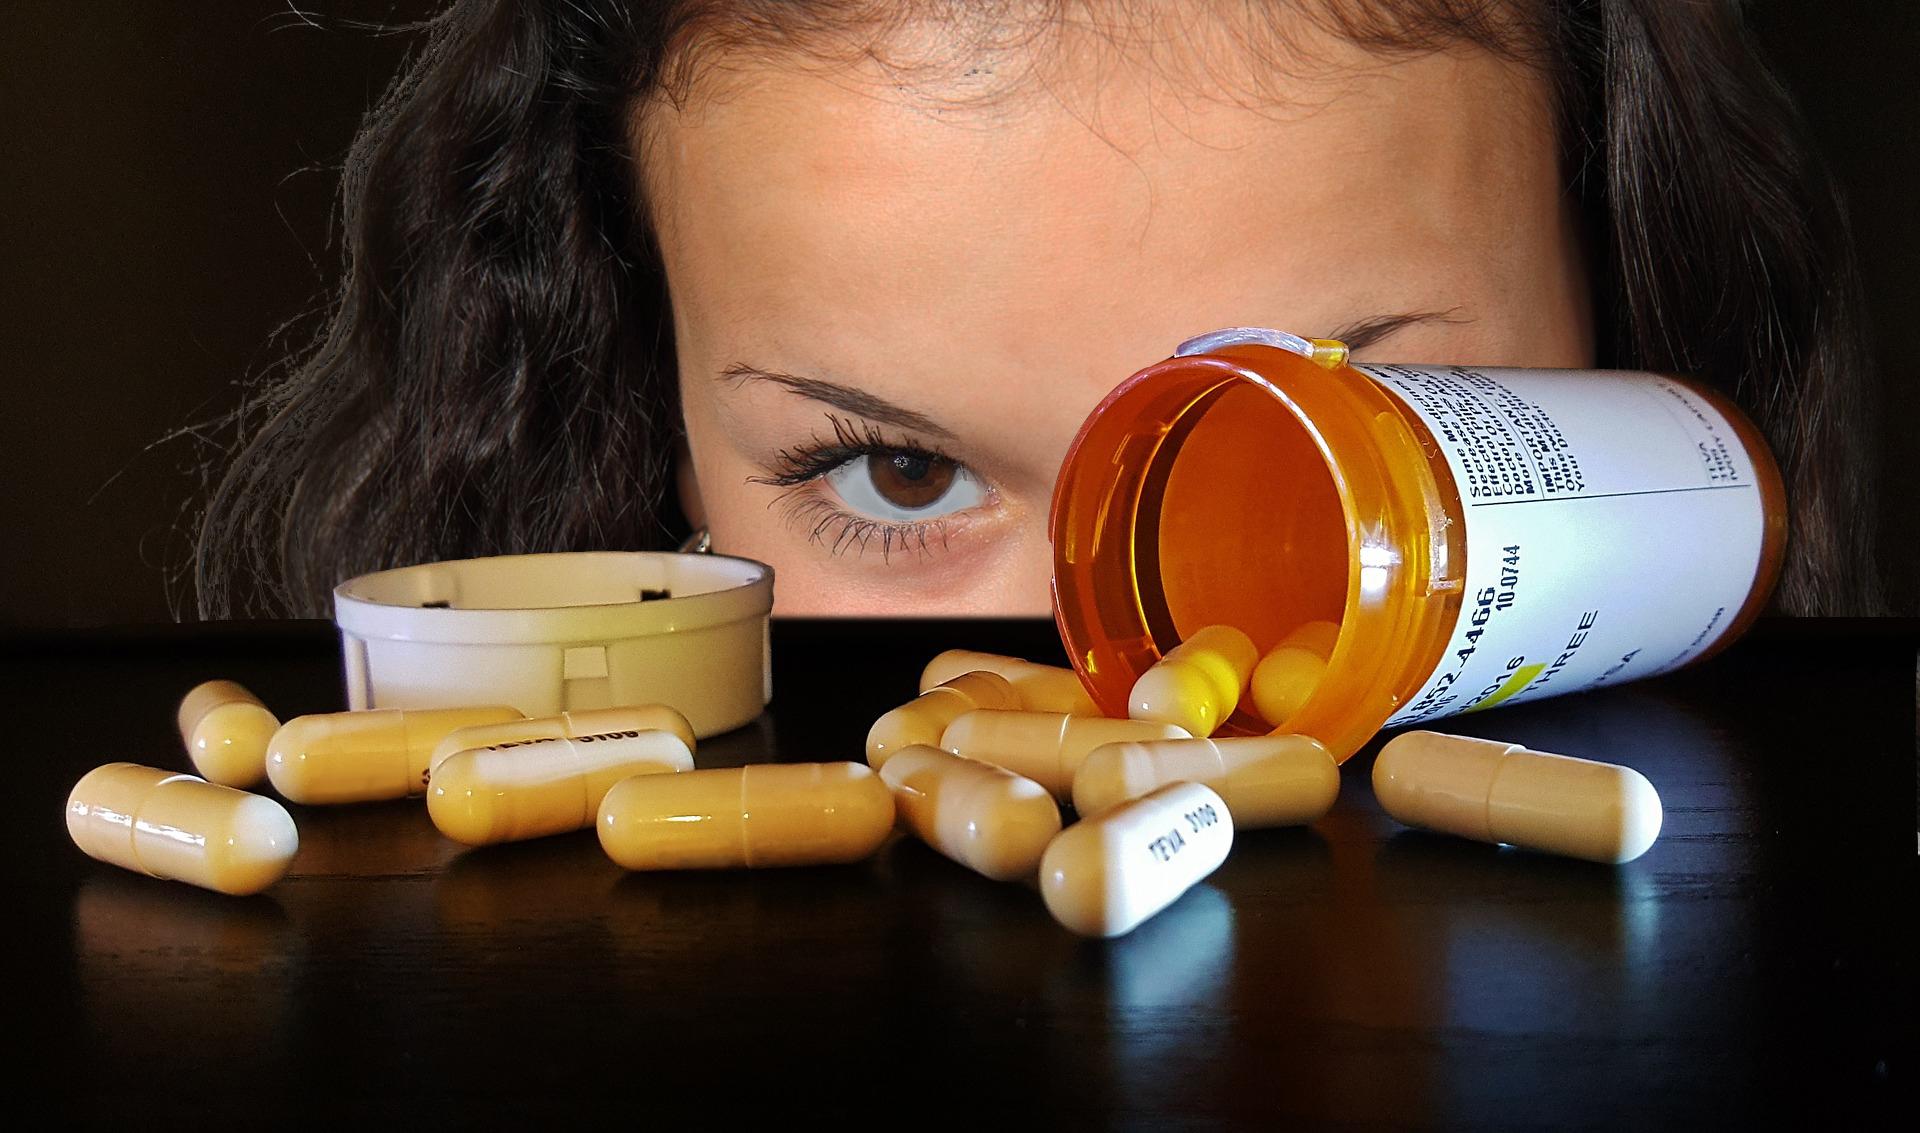 Могут ли антибиотики повлиять на месячные